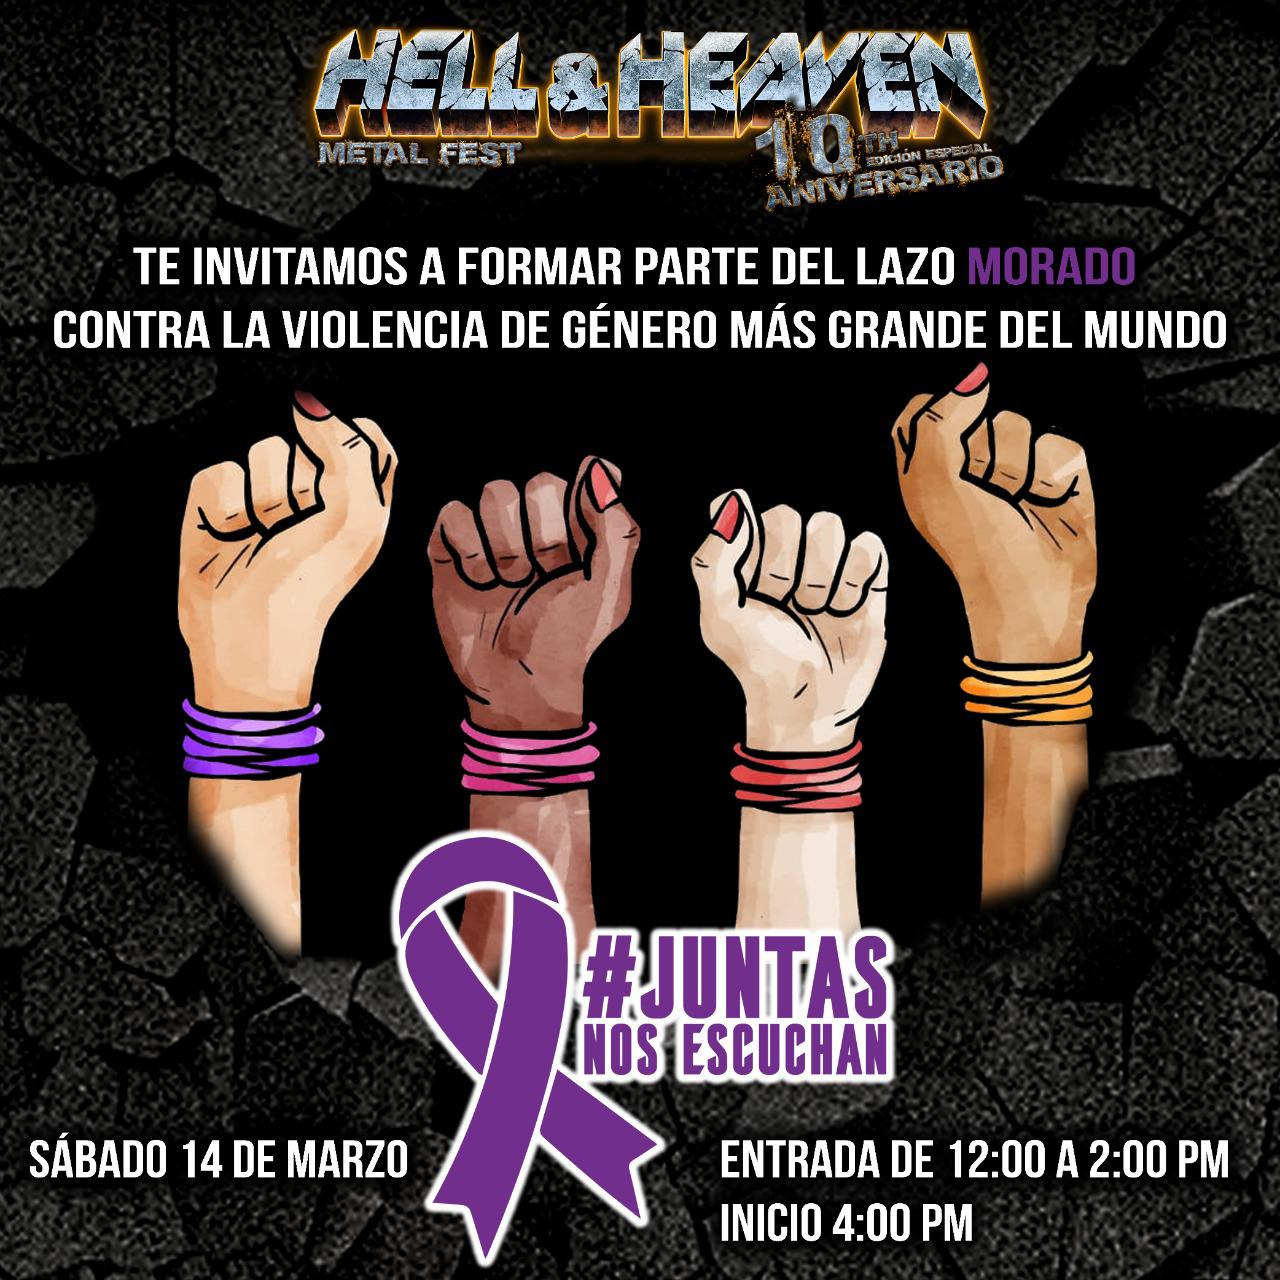 Hell and Heaven Metal Fest auspiciará la creación del lazo morado más grande del mundo contra la violencia hacia la mujer